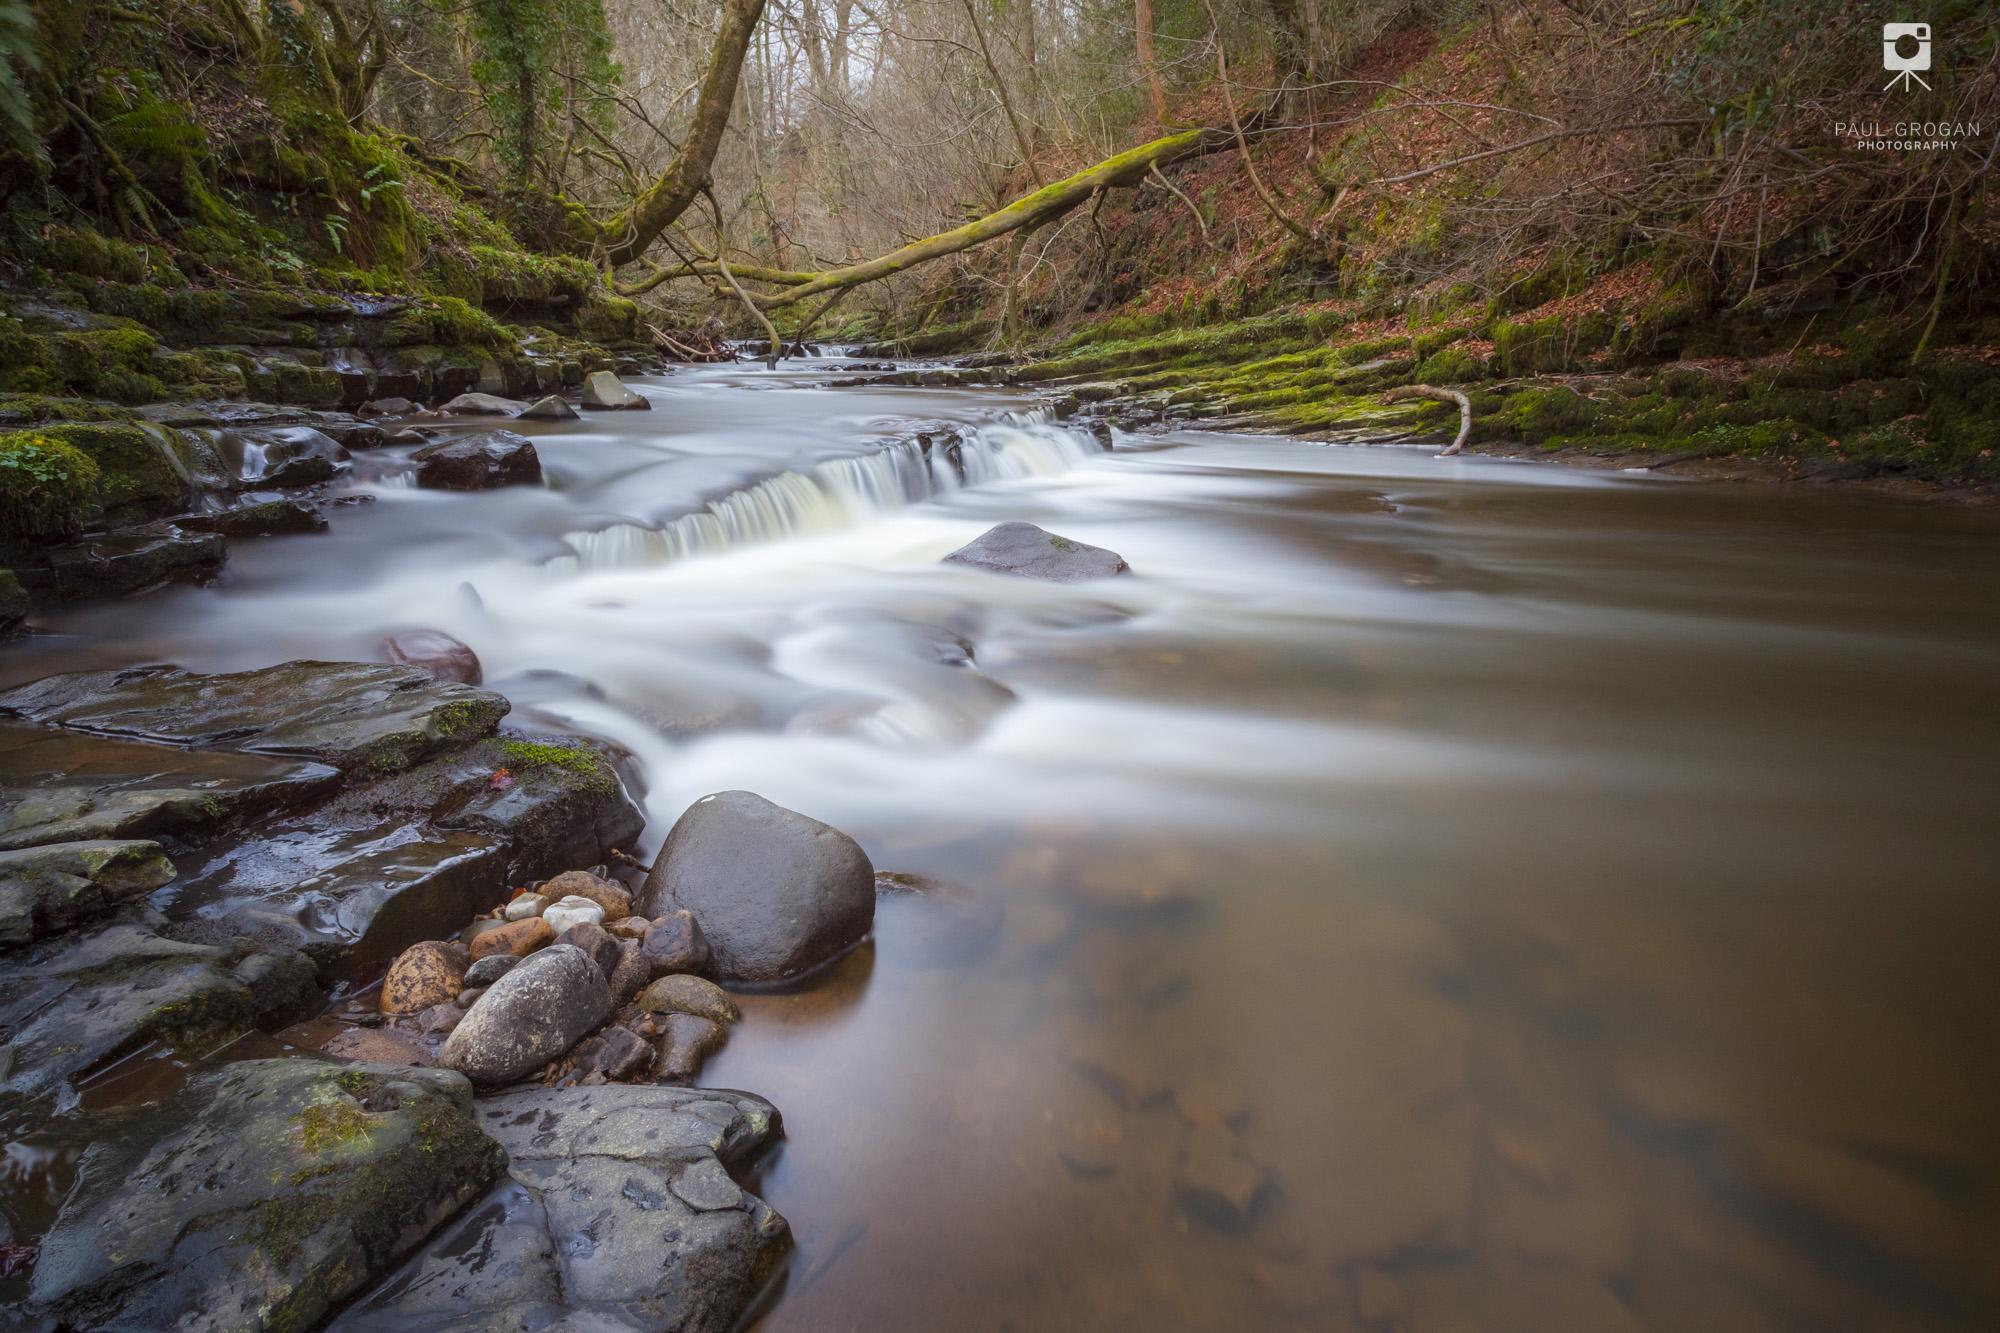 Brock_Bottoms_Cascades_Landscape-1.jpg